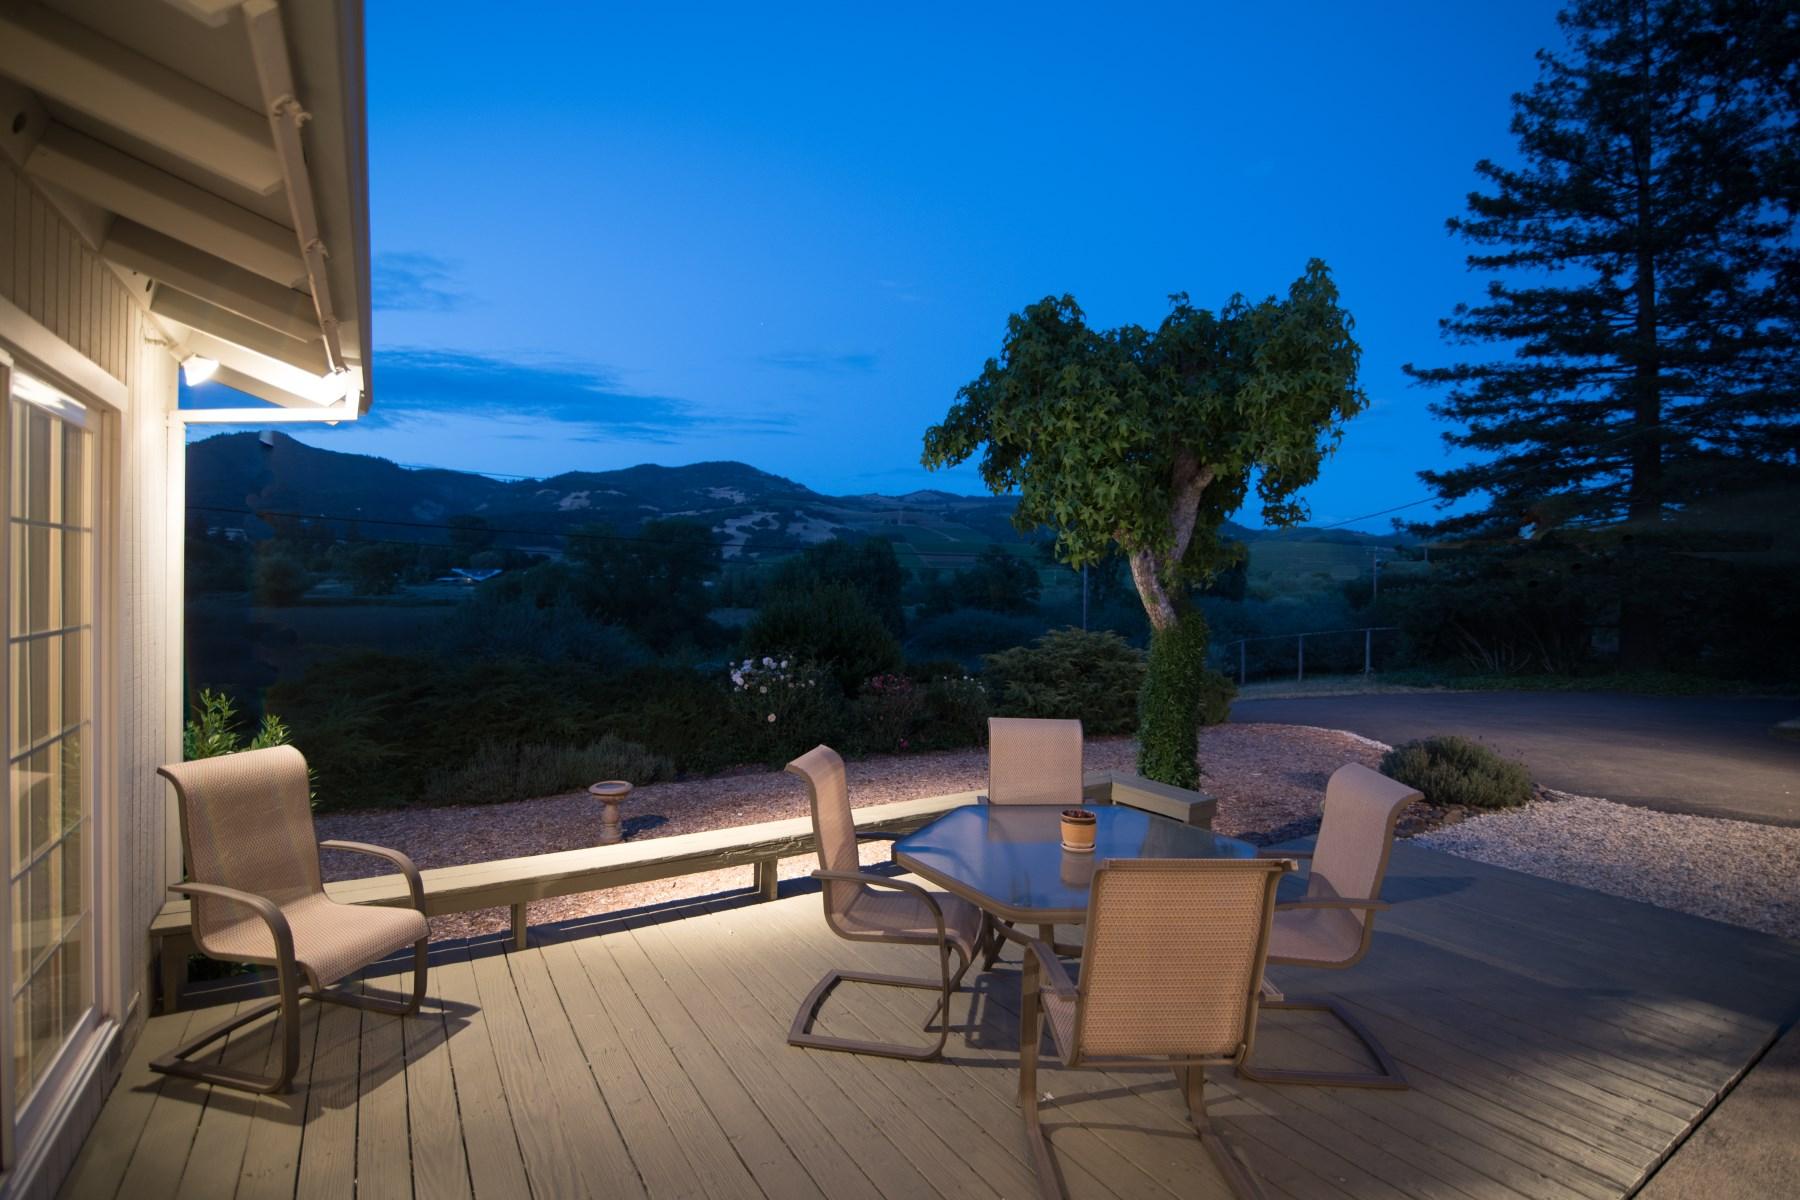 Maison unifamiliale pour l Vente à Charming Vineyard View Home 840 Warm Springs Rd Kenwood, Californie, 95452 États-Unis